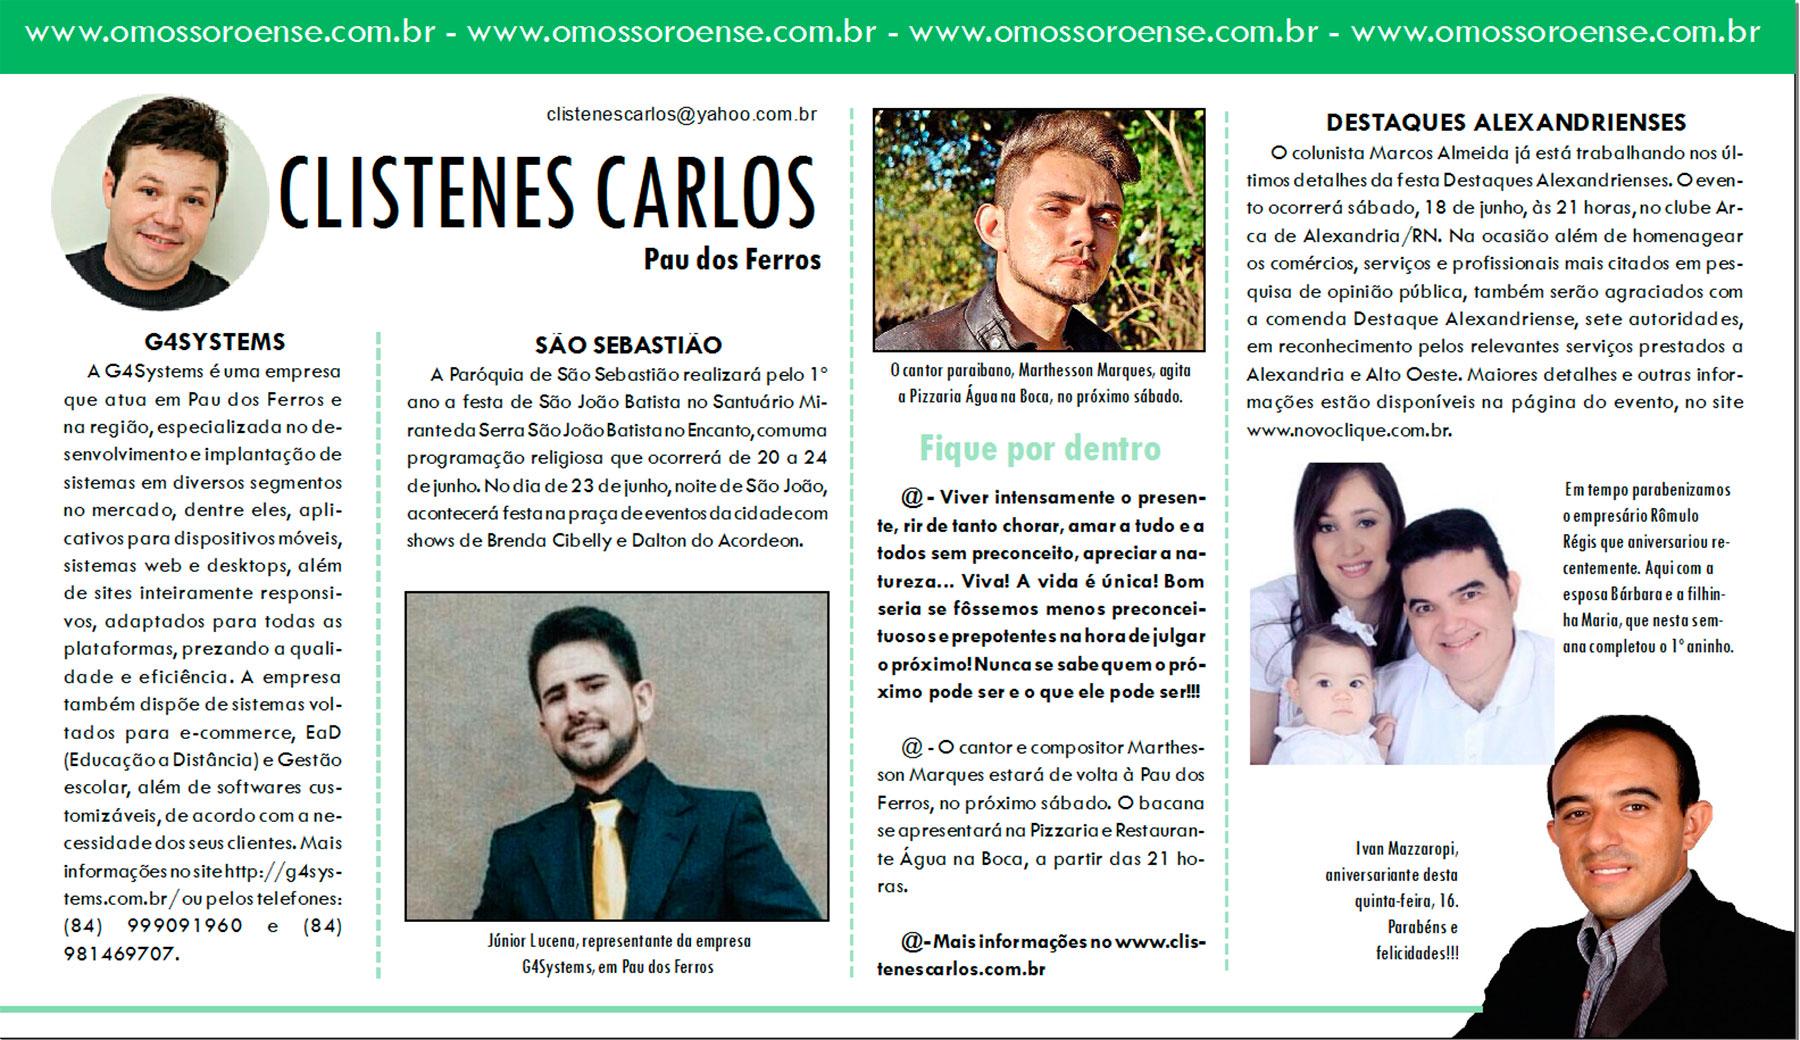 CLISTENES-CARLOS-16-06-2016